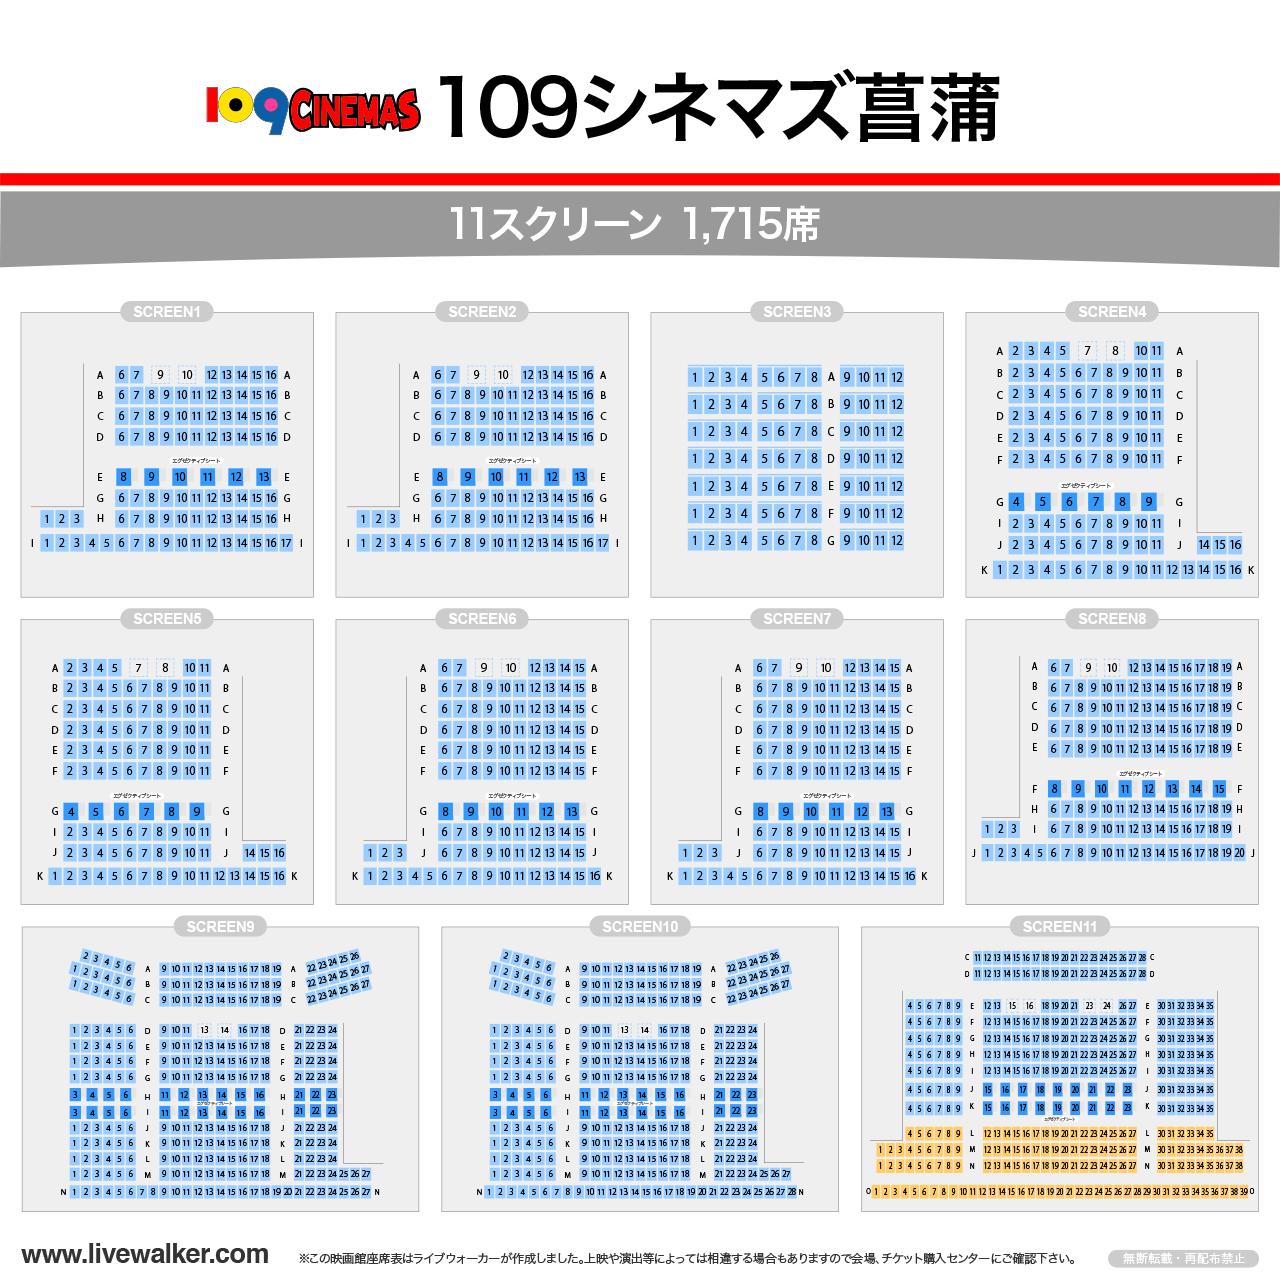 菖蒲 109 シネマズ